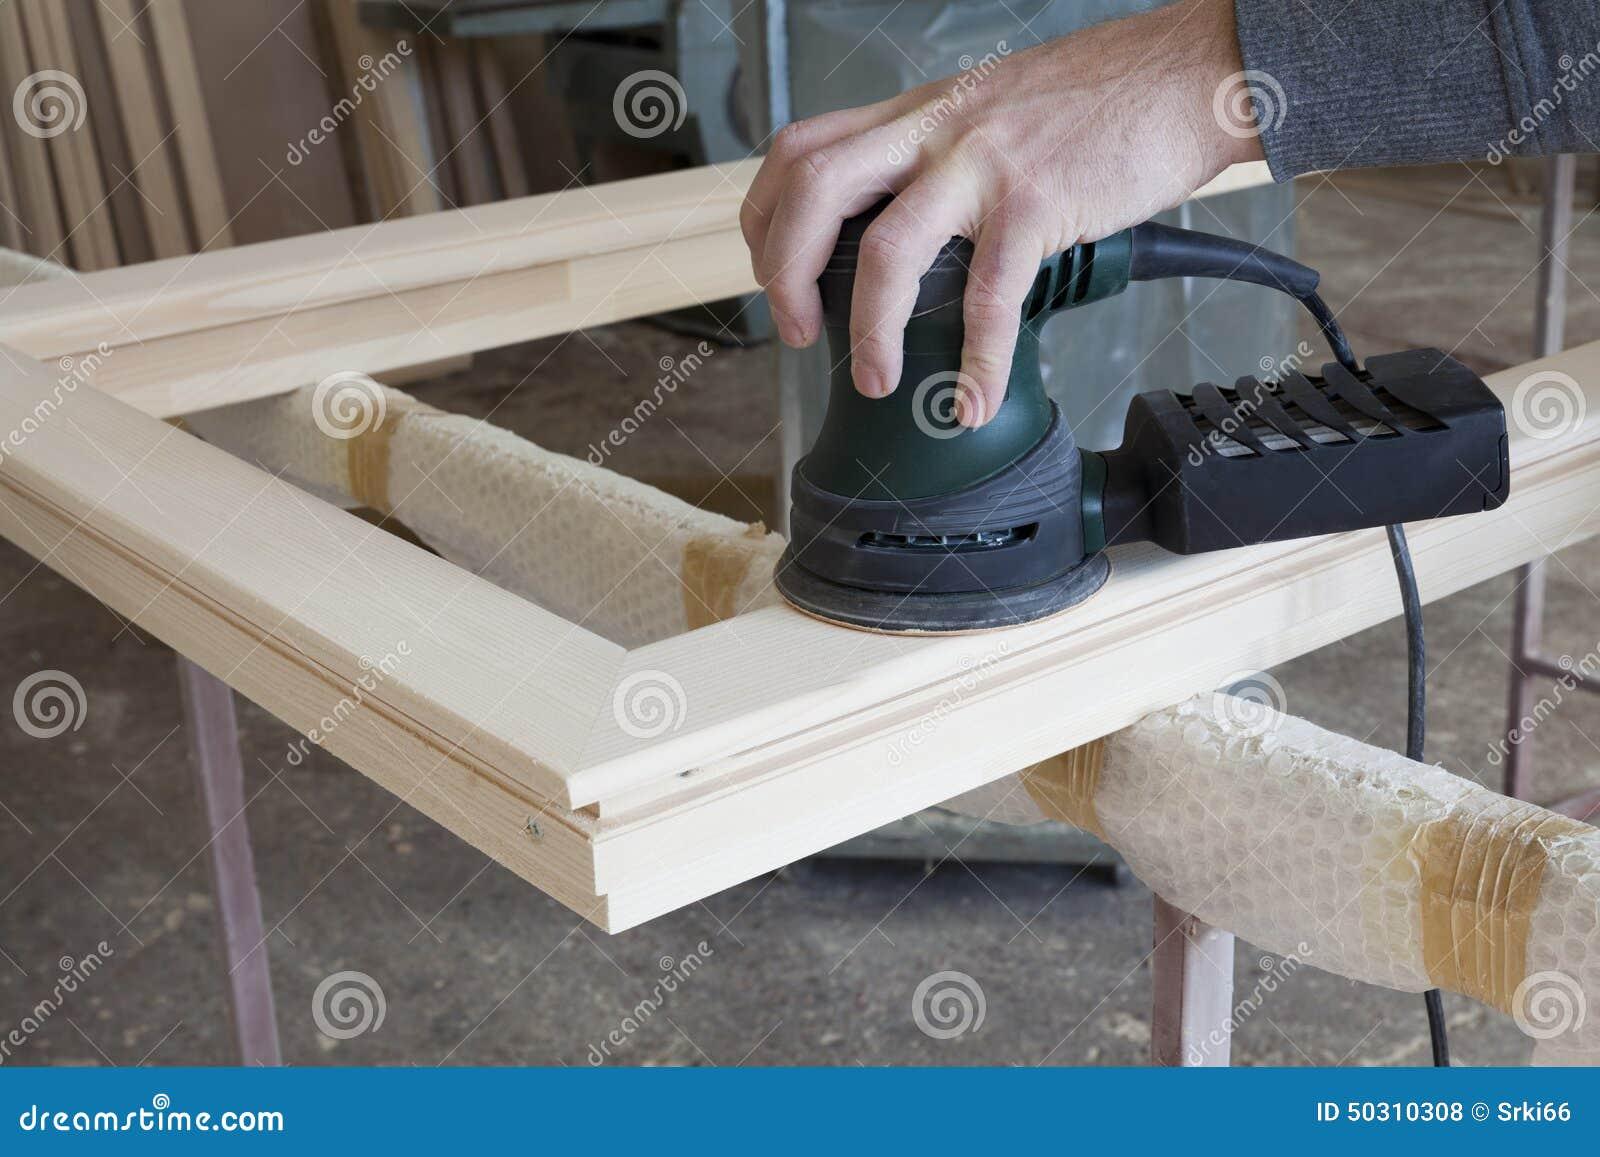 cadre en bois poli avec des outils de bricolage photo stock image 50310308. Black Bedroom Furniture Sets. Home Design Ideas